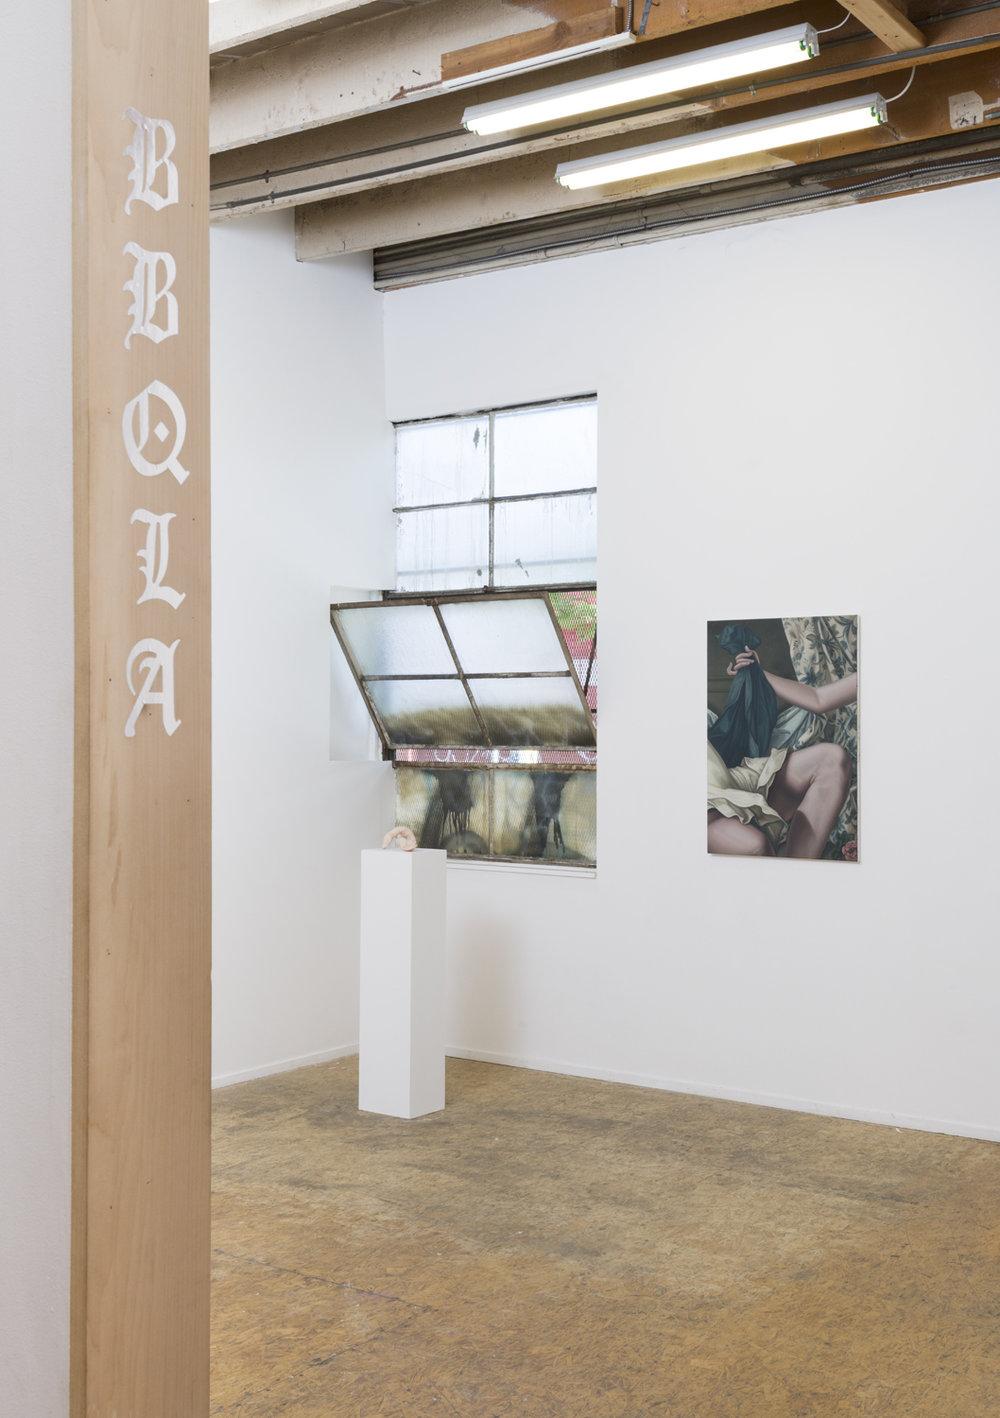 Las Lenguas,  Installation View BBQLA, Los Angeles, 2018